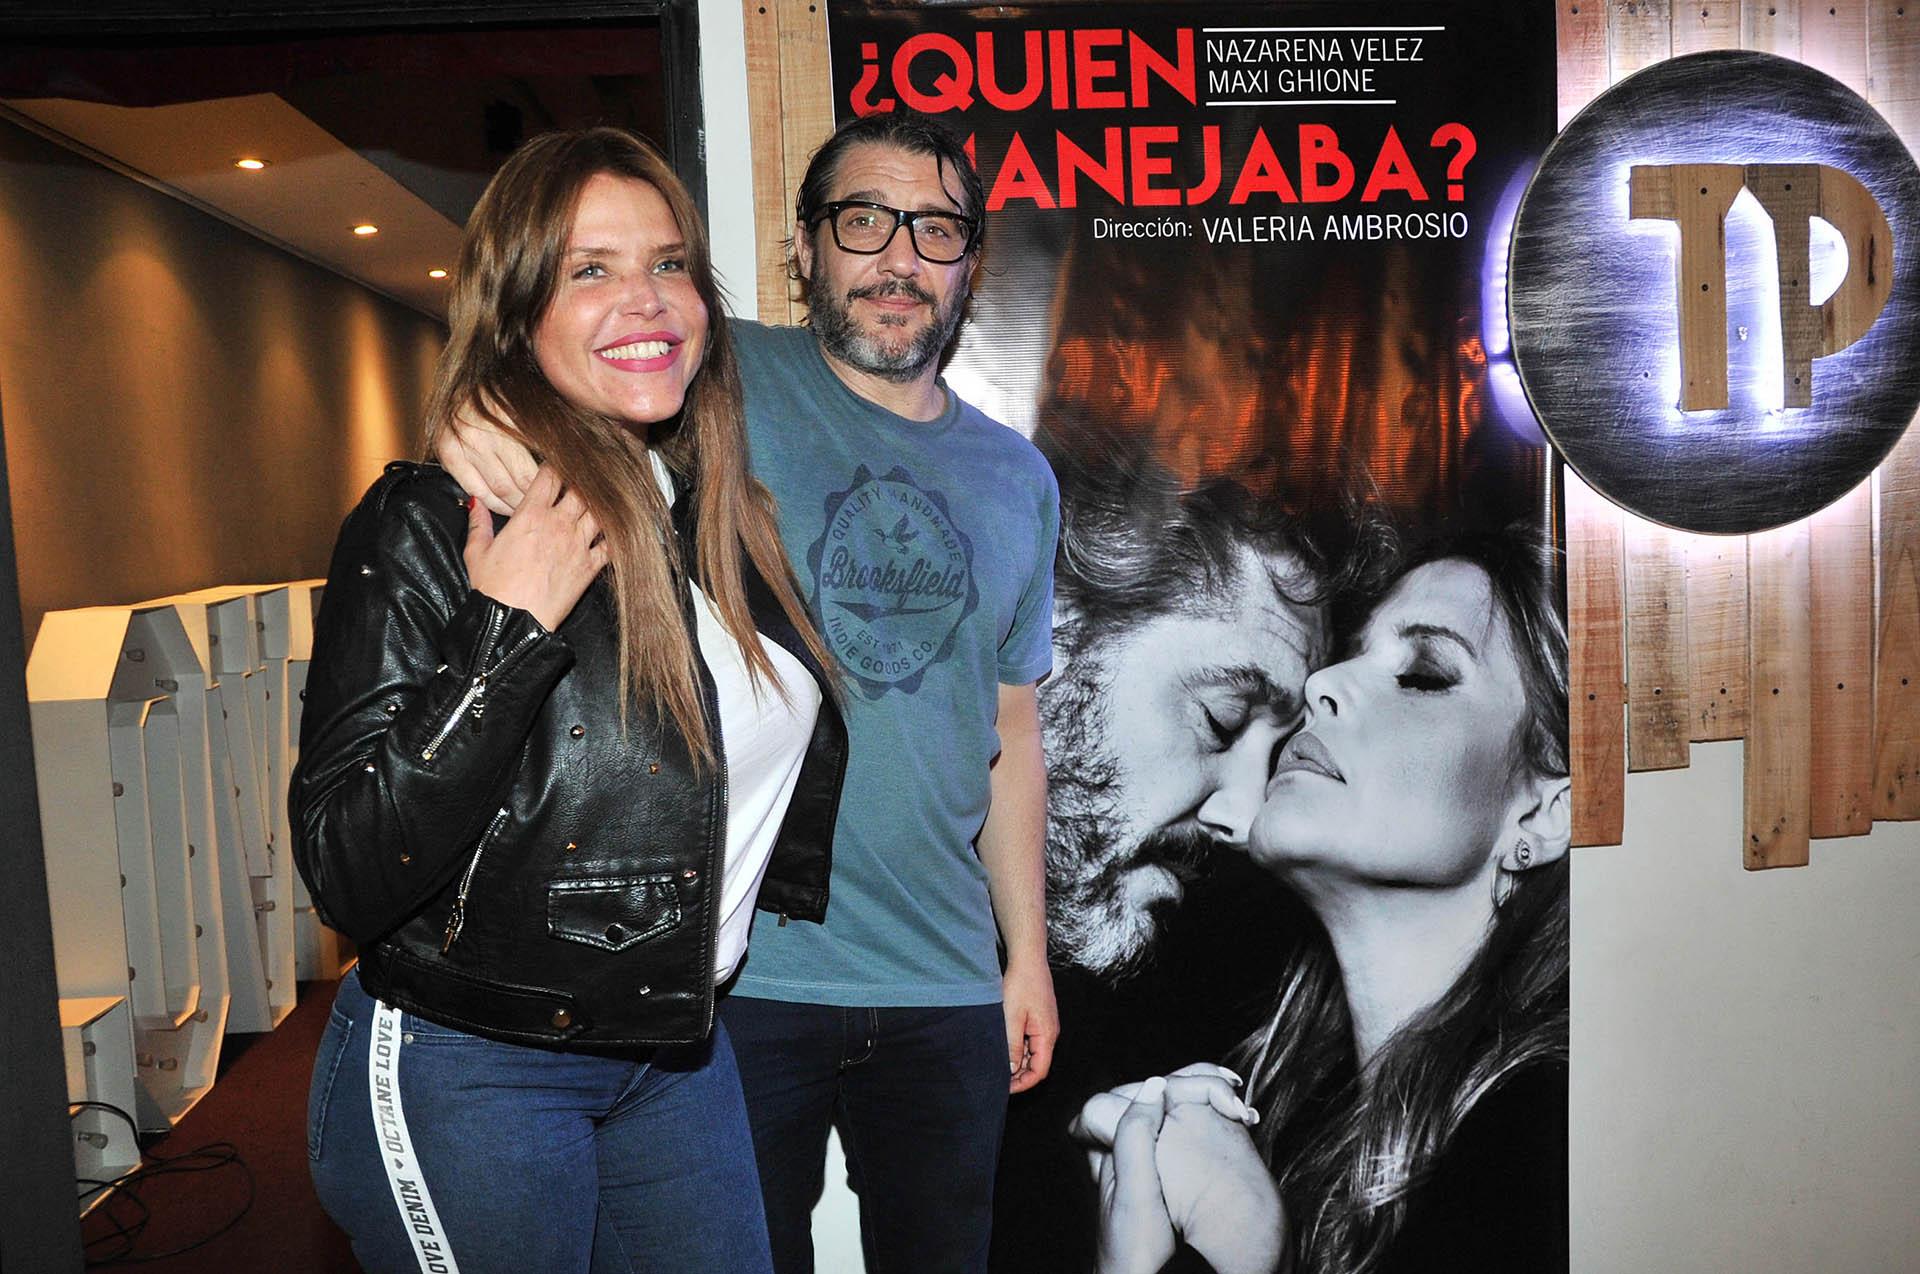 Nazarena Vélez y Maxi Ghione, protagonistas del espectáculo